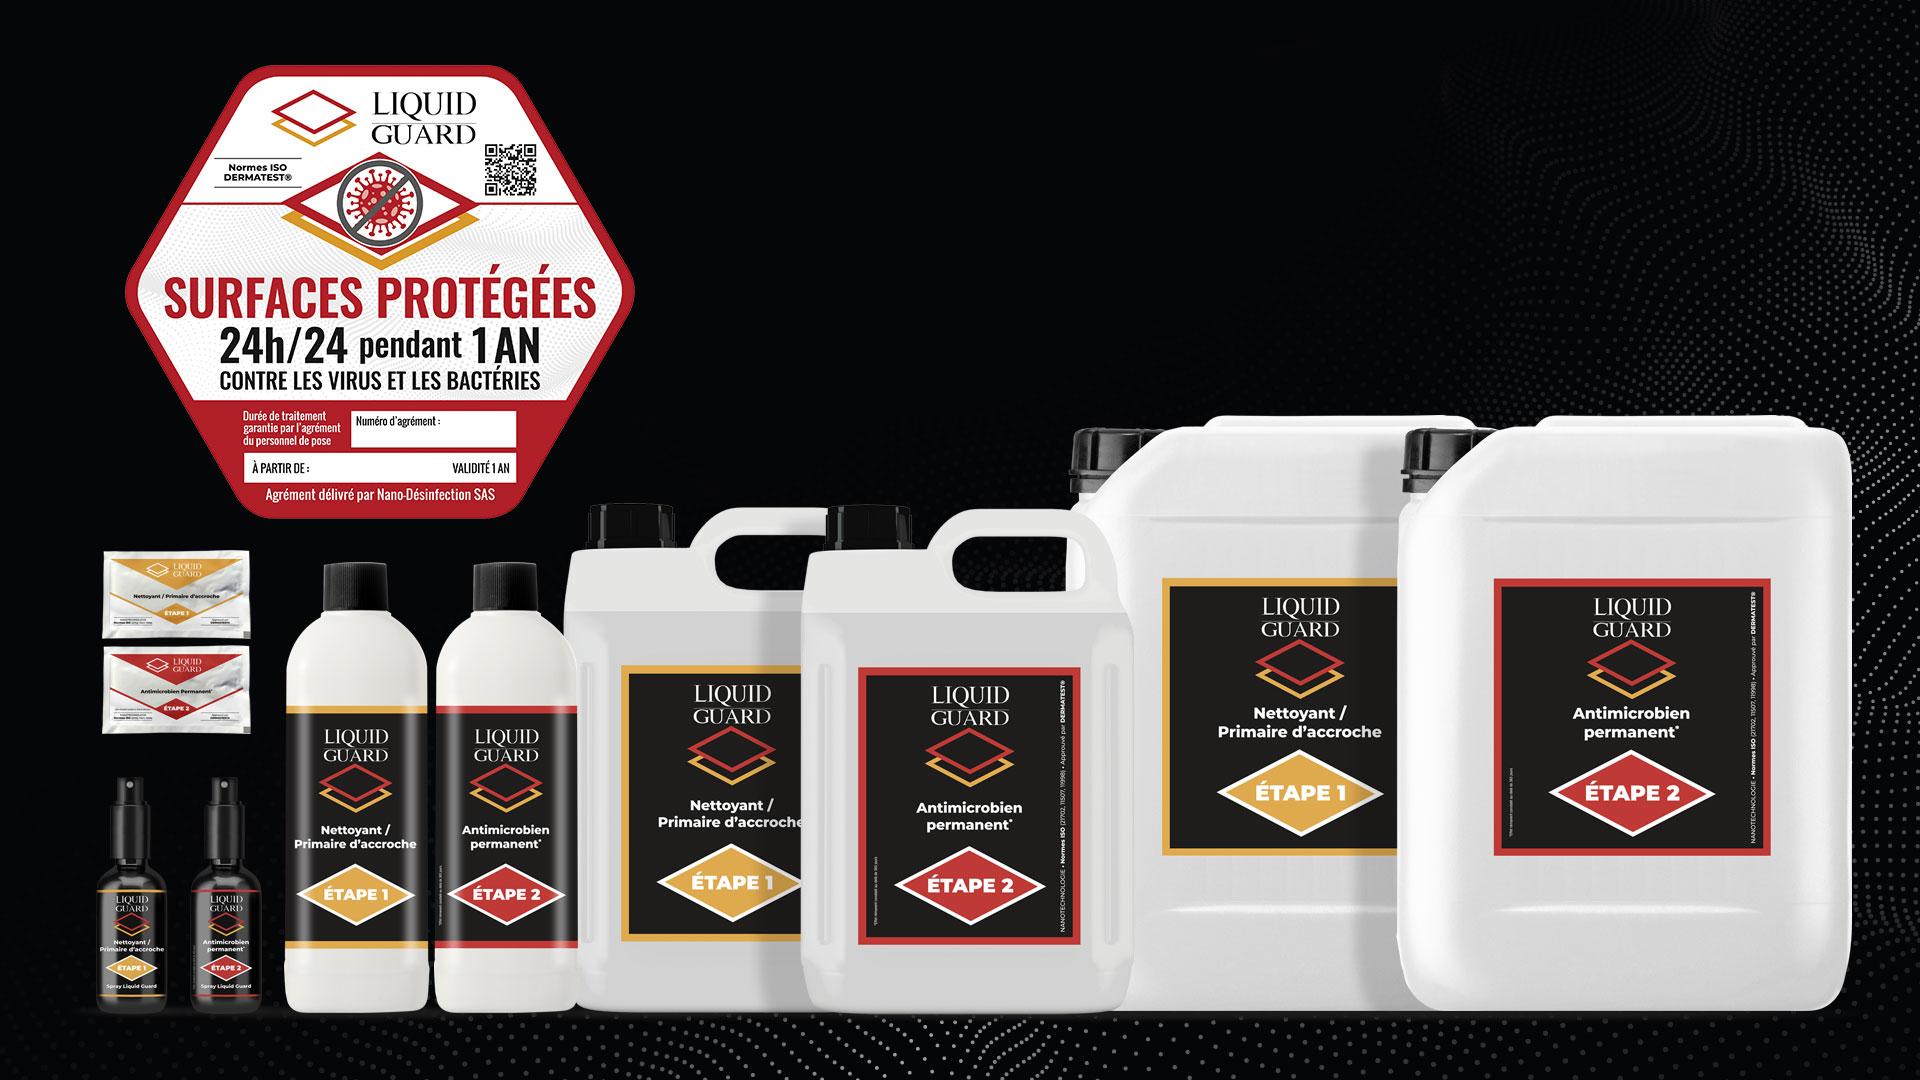 Produits Liquid Guard de la société Nano-Desinfection, kit lingettes, nettoyants et antimicrobien permanent